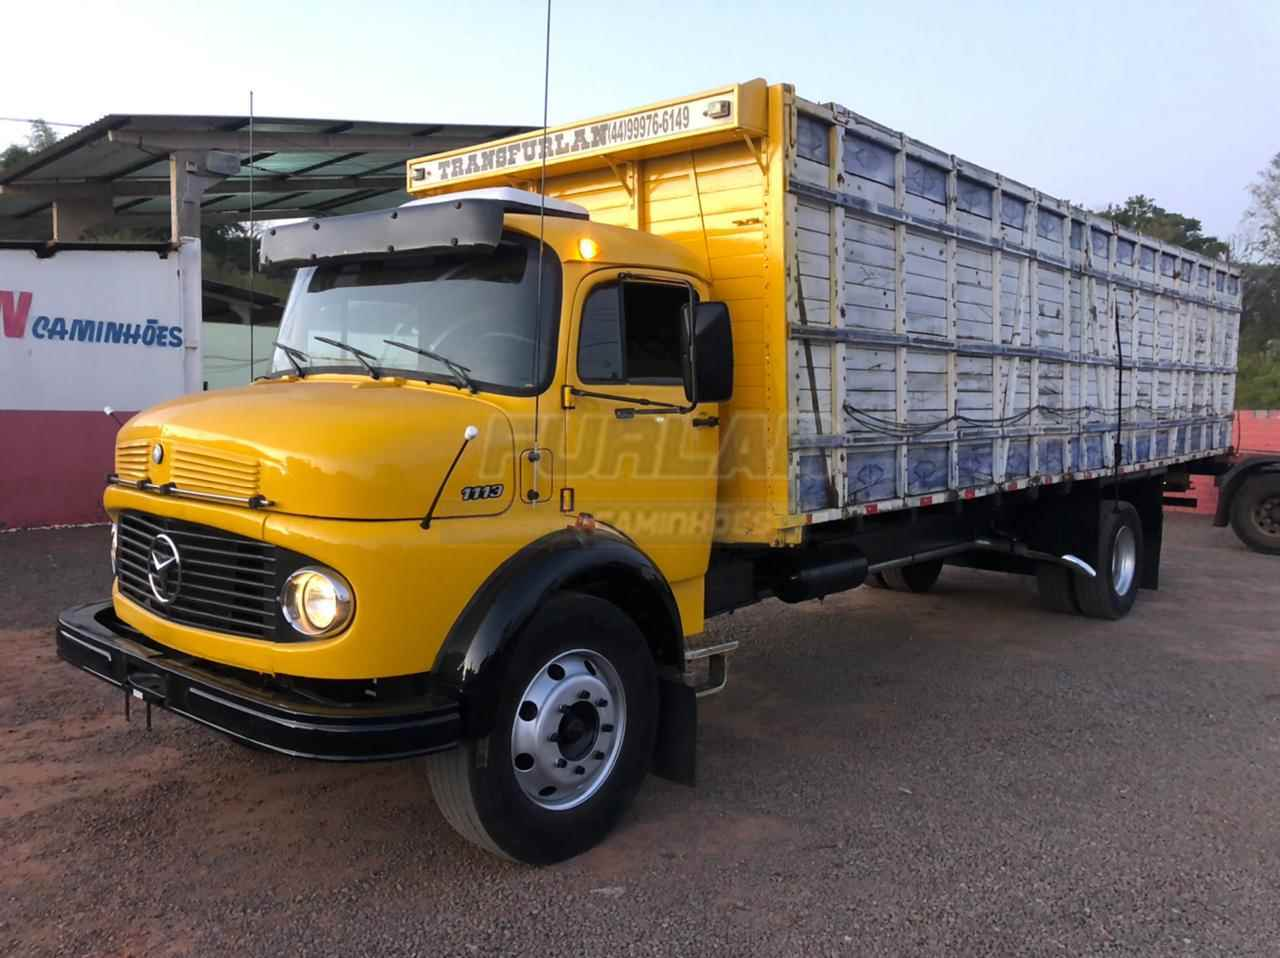 CAMINHAO MERCEDES-BENZ MB 1113 Boiadeiro Toco 4x2 Furlan Caminhões UMUARAMA PARANÁ PR